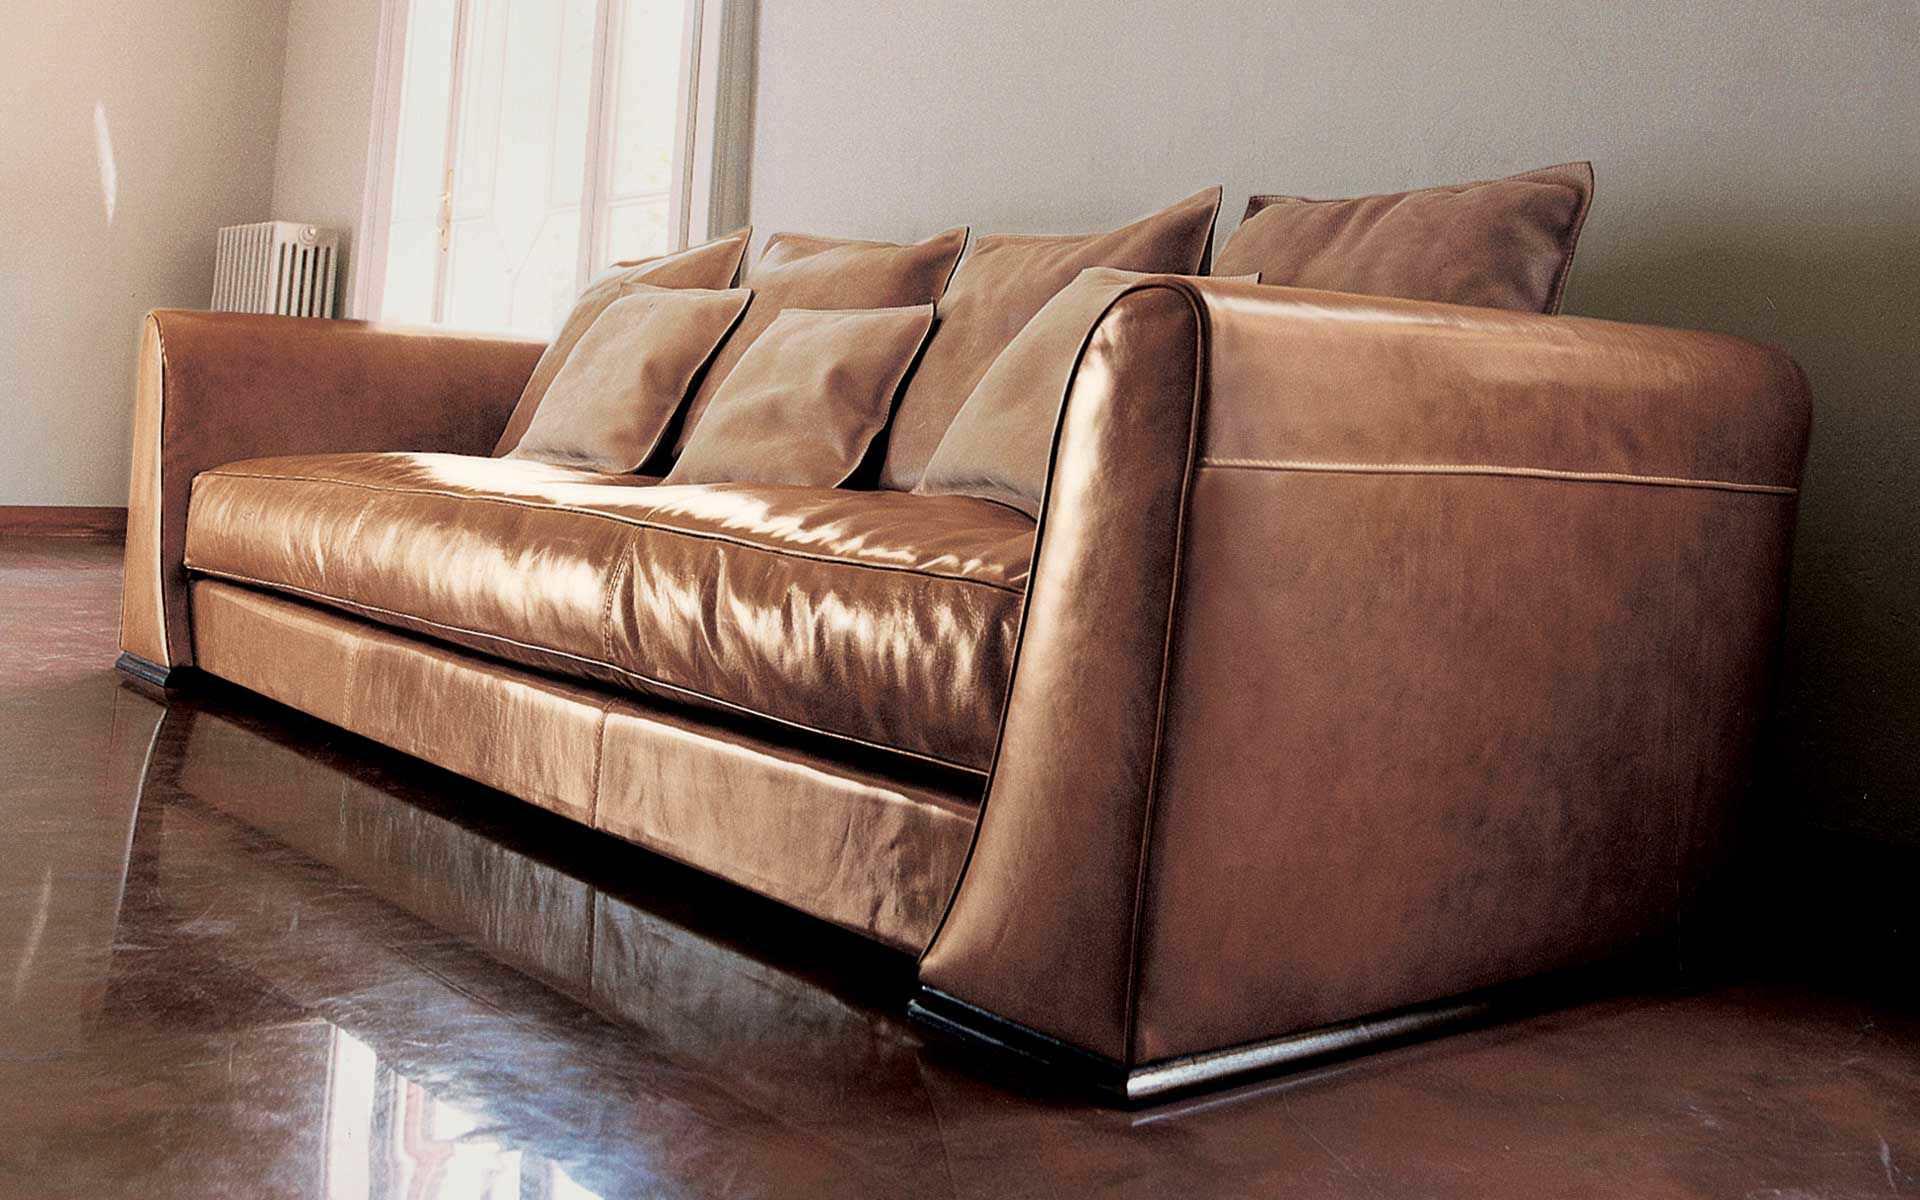 Full Size of Baxter Sofa Traditional Leather 3 Seater Brown Boston Big Günstig Braun Tom Tailor Halbrund überzug Polster Reinigen Sitzer Mit Relaxfunktion Billig Kissen Sofa Baxter Sofa